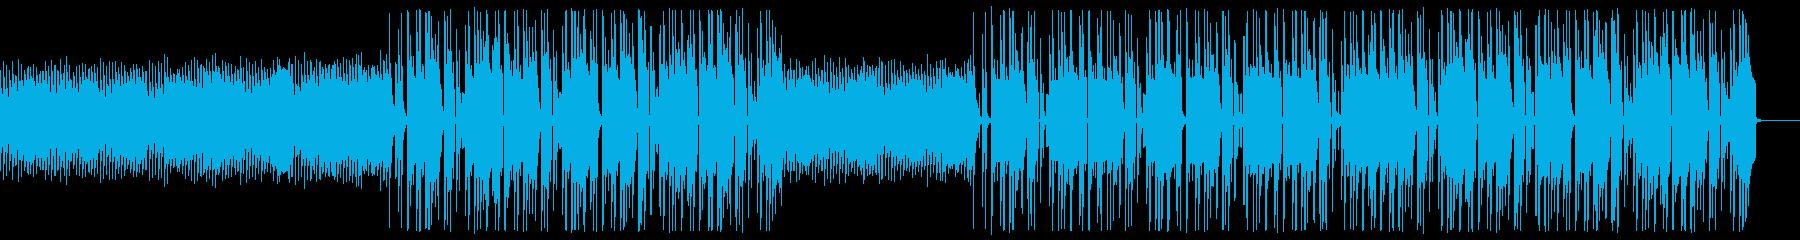 EDMチックなヒップホップの再生済みの波形